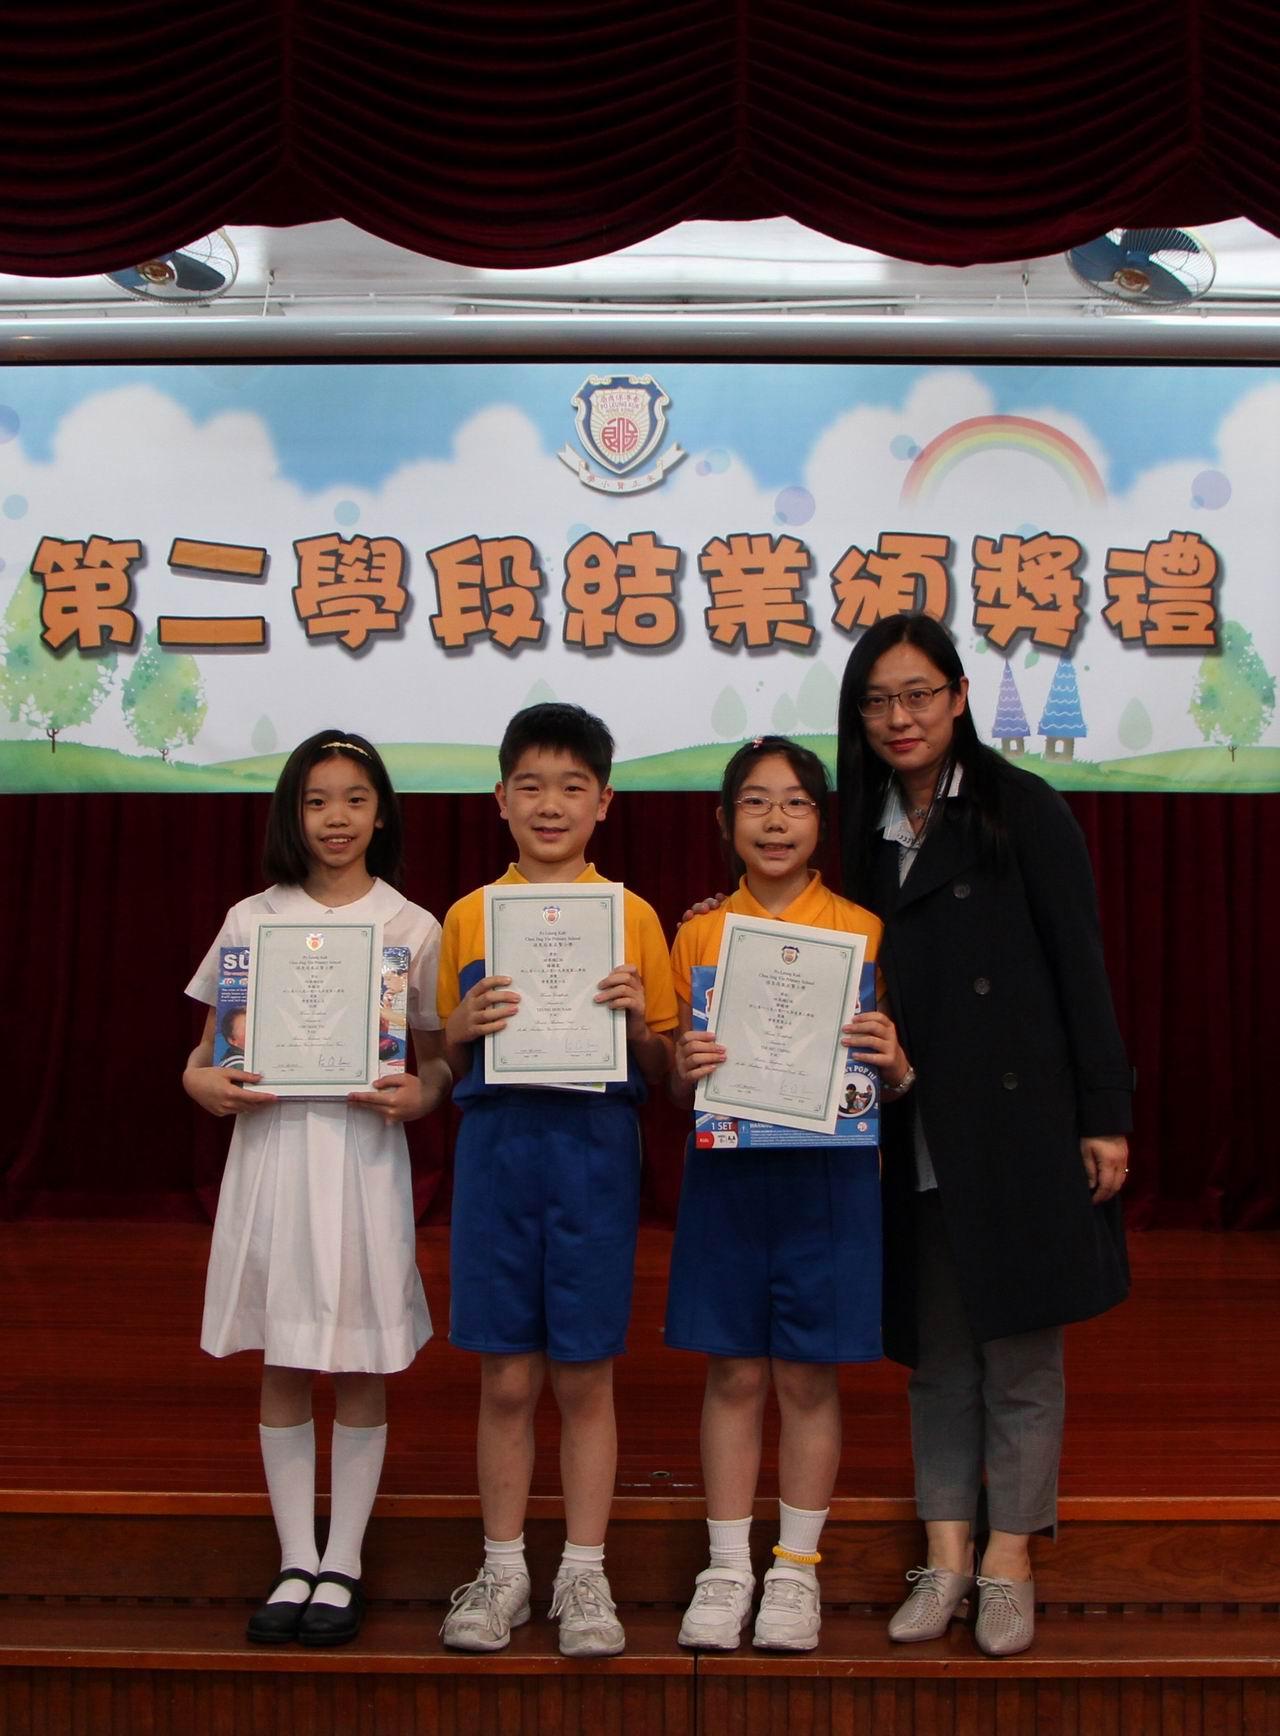 https://plkcjy.edu.hk/sites/default/files/diao_zheng_da_xiao_img_4111.jpg